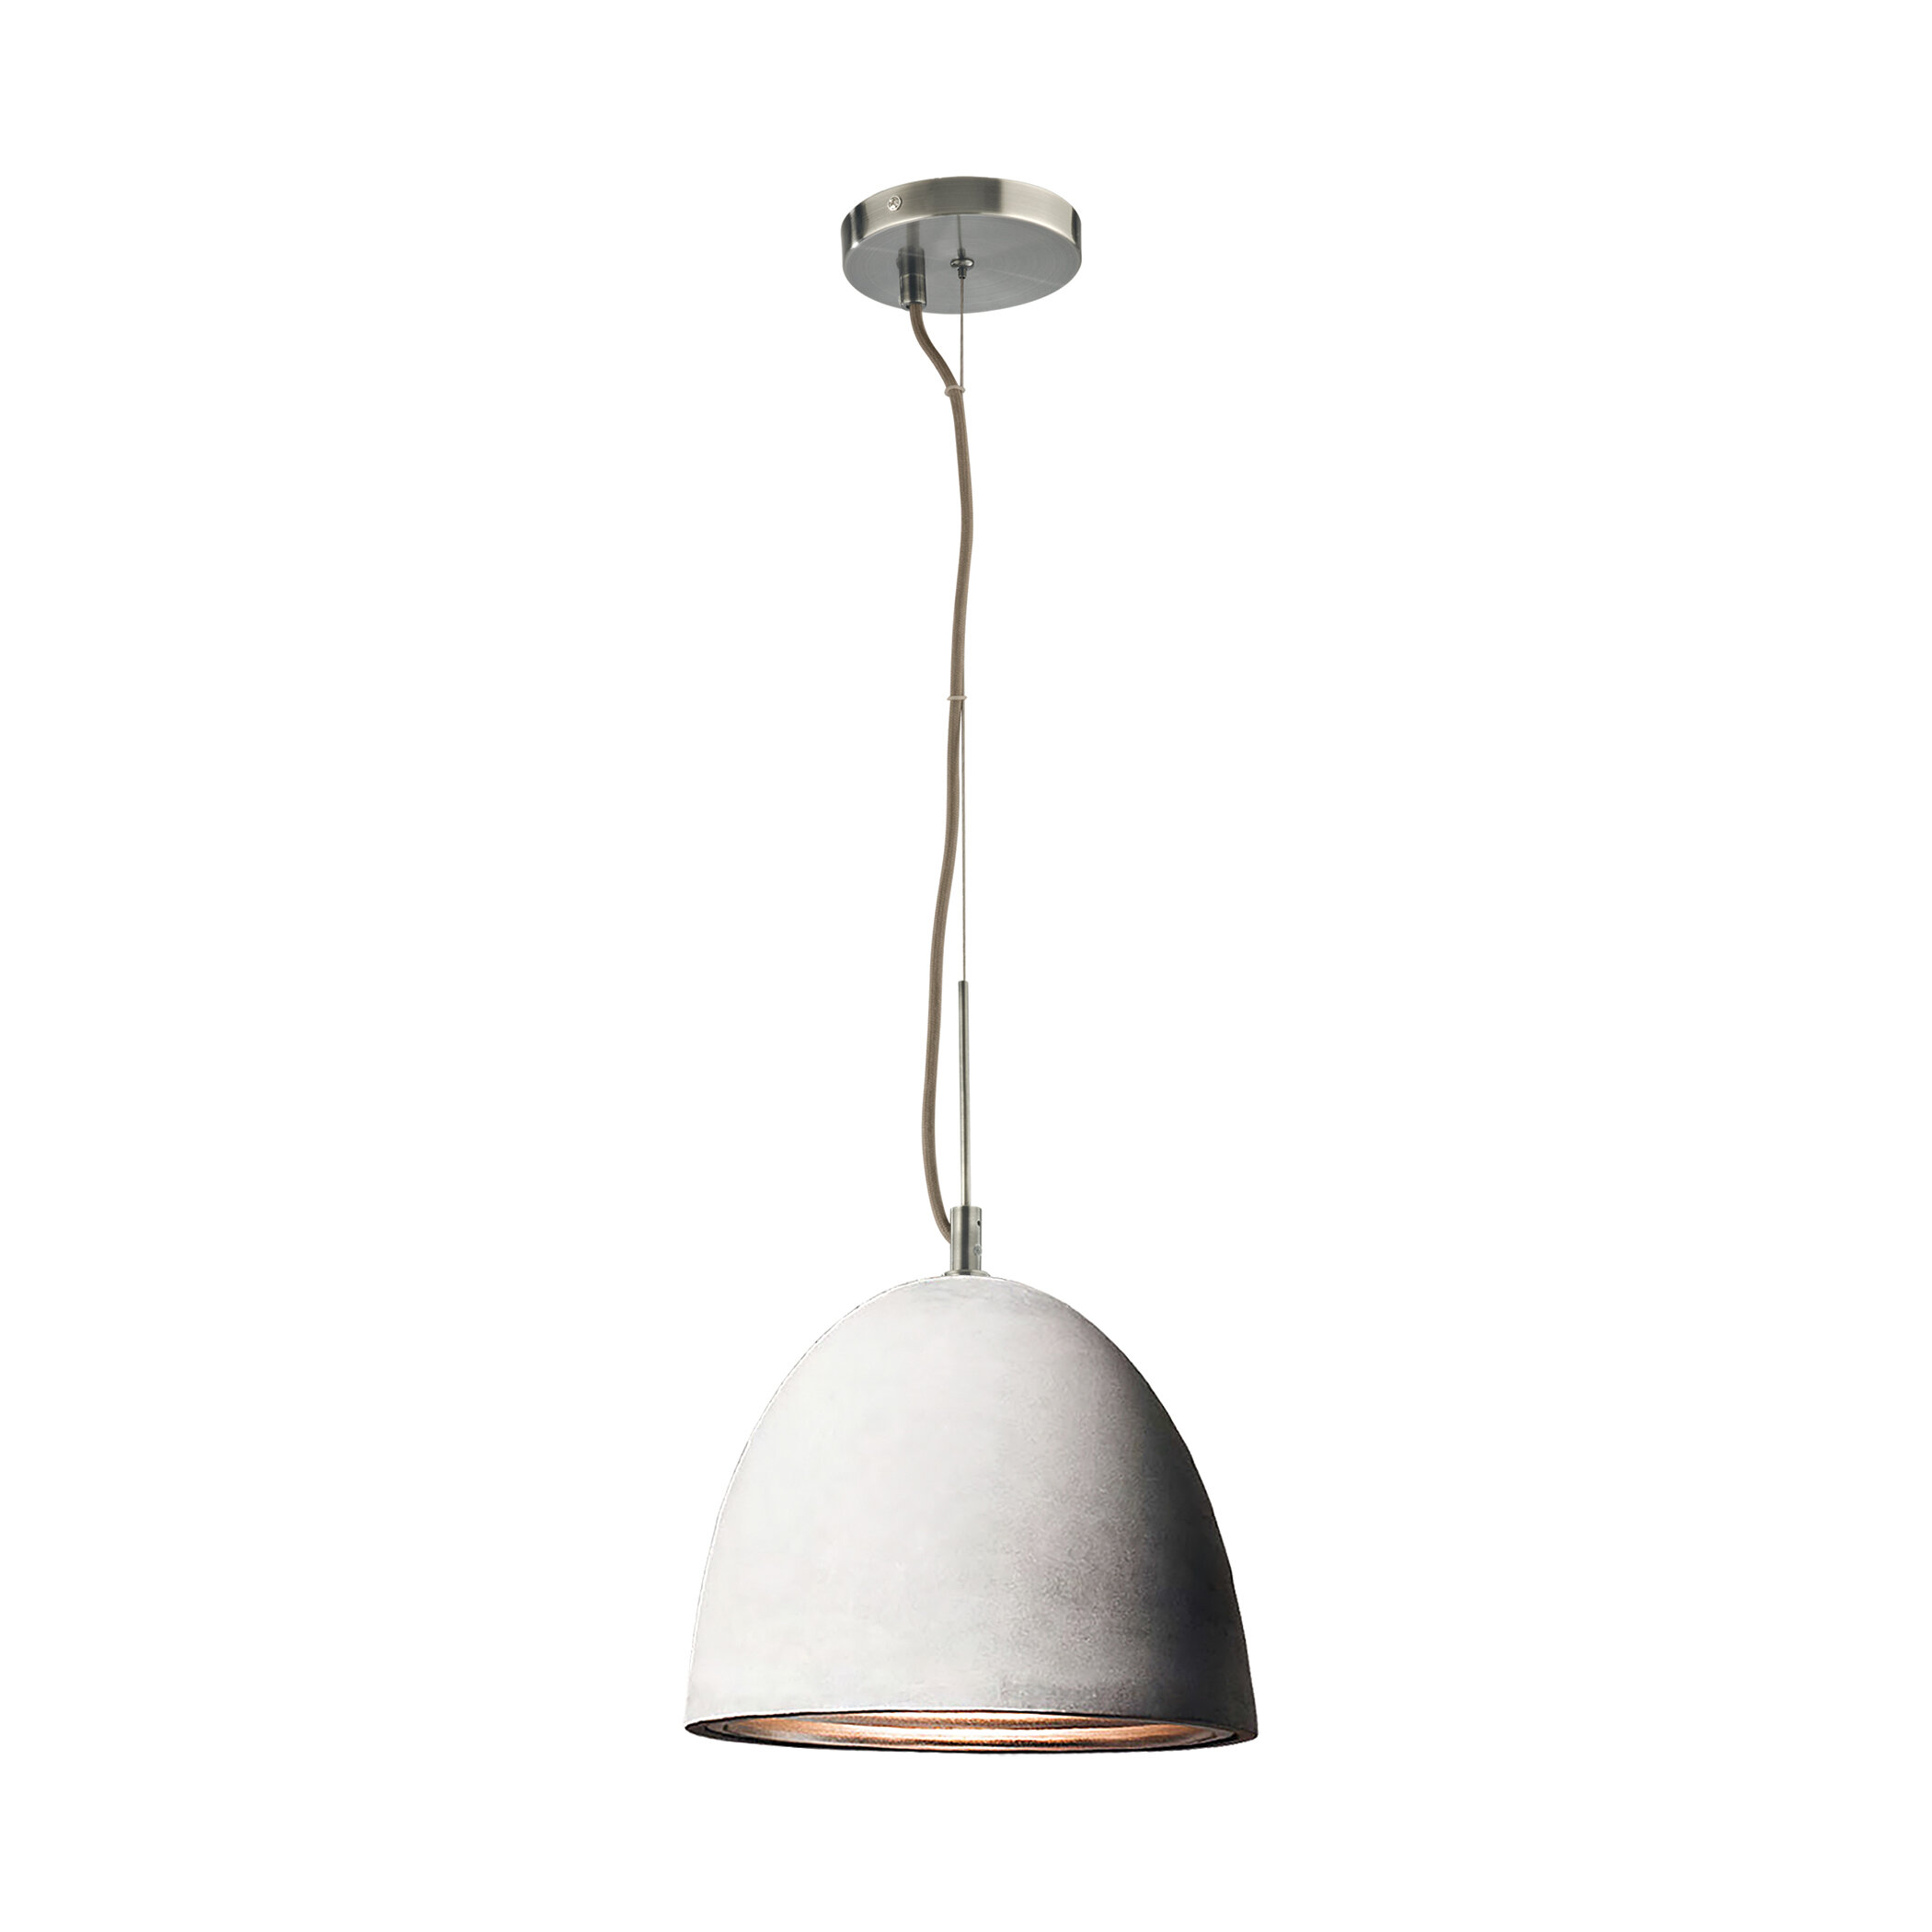 Brayden Studio Ruggles 1 Light Single Bell Pendant Wayfair